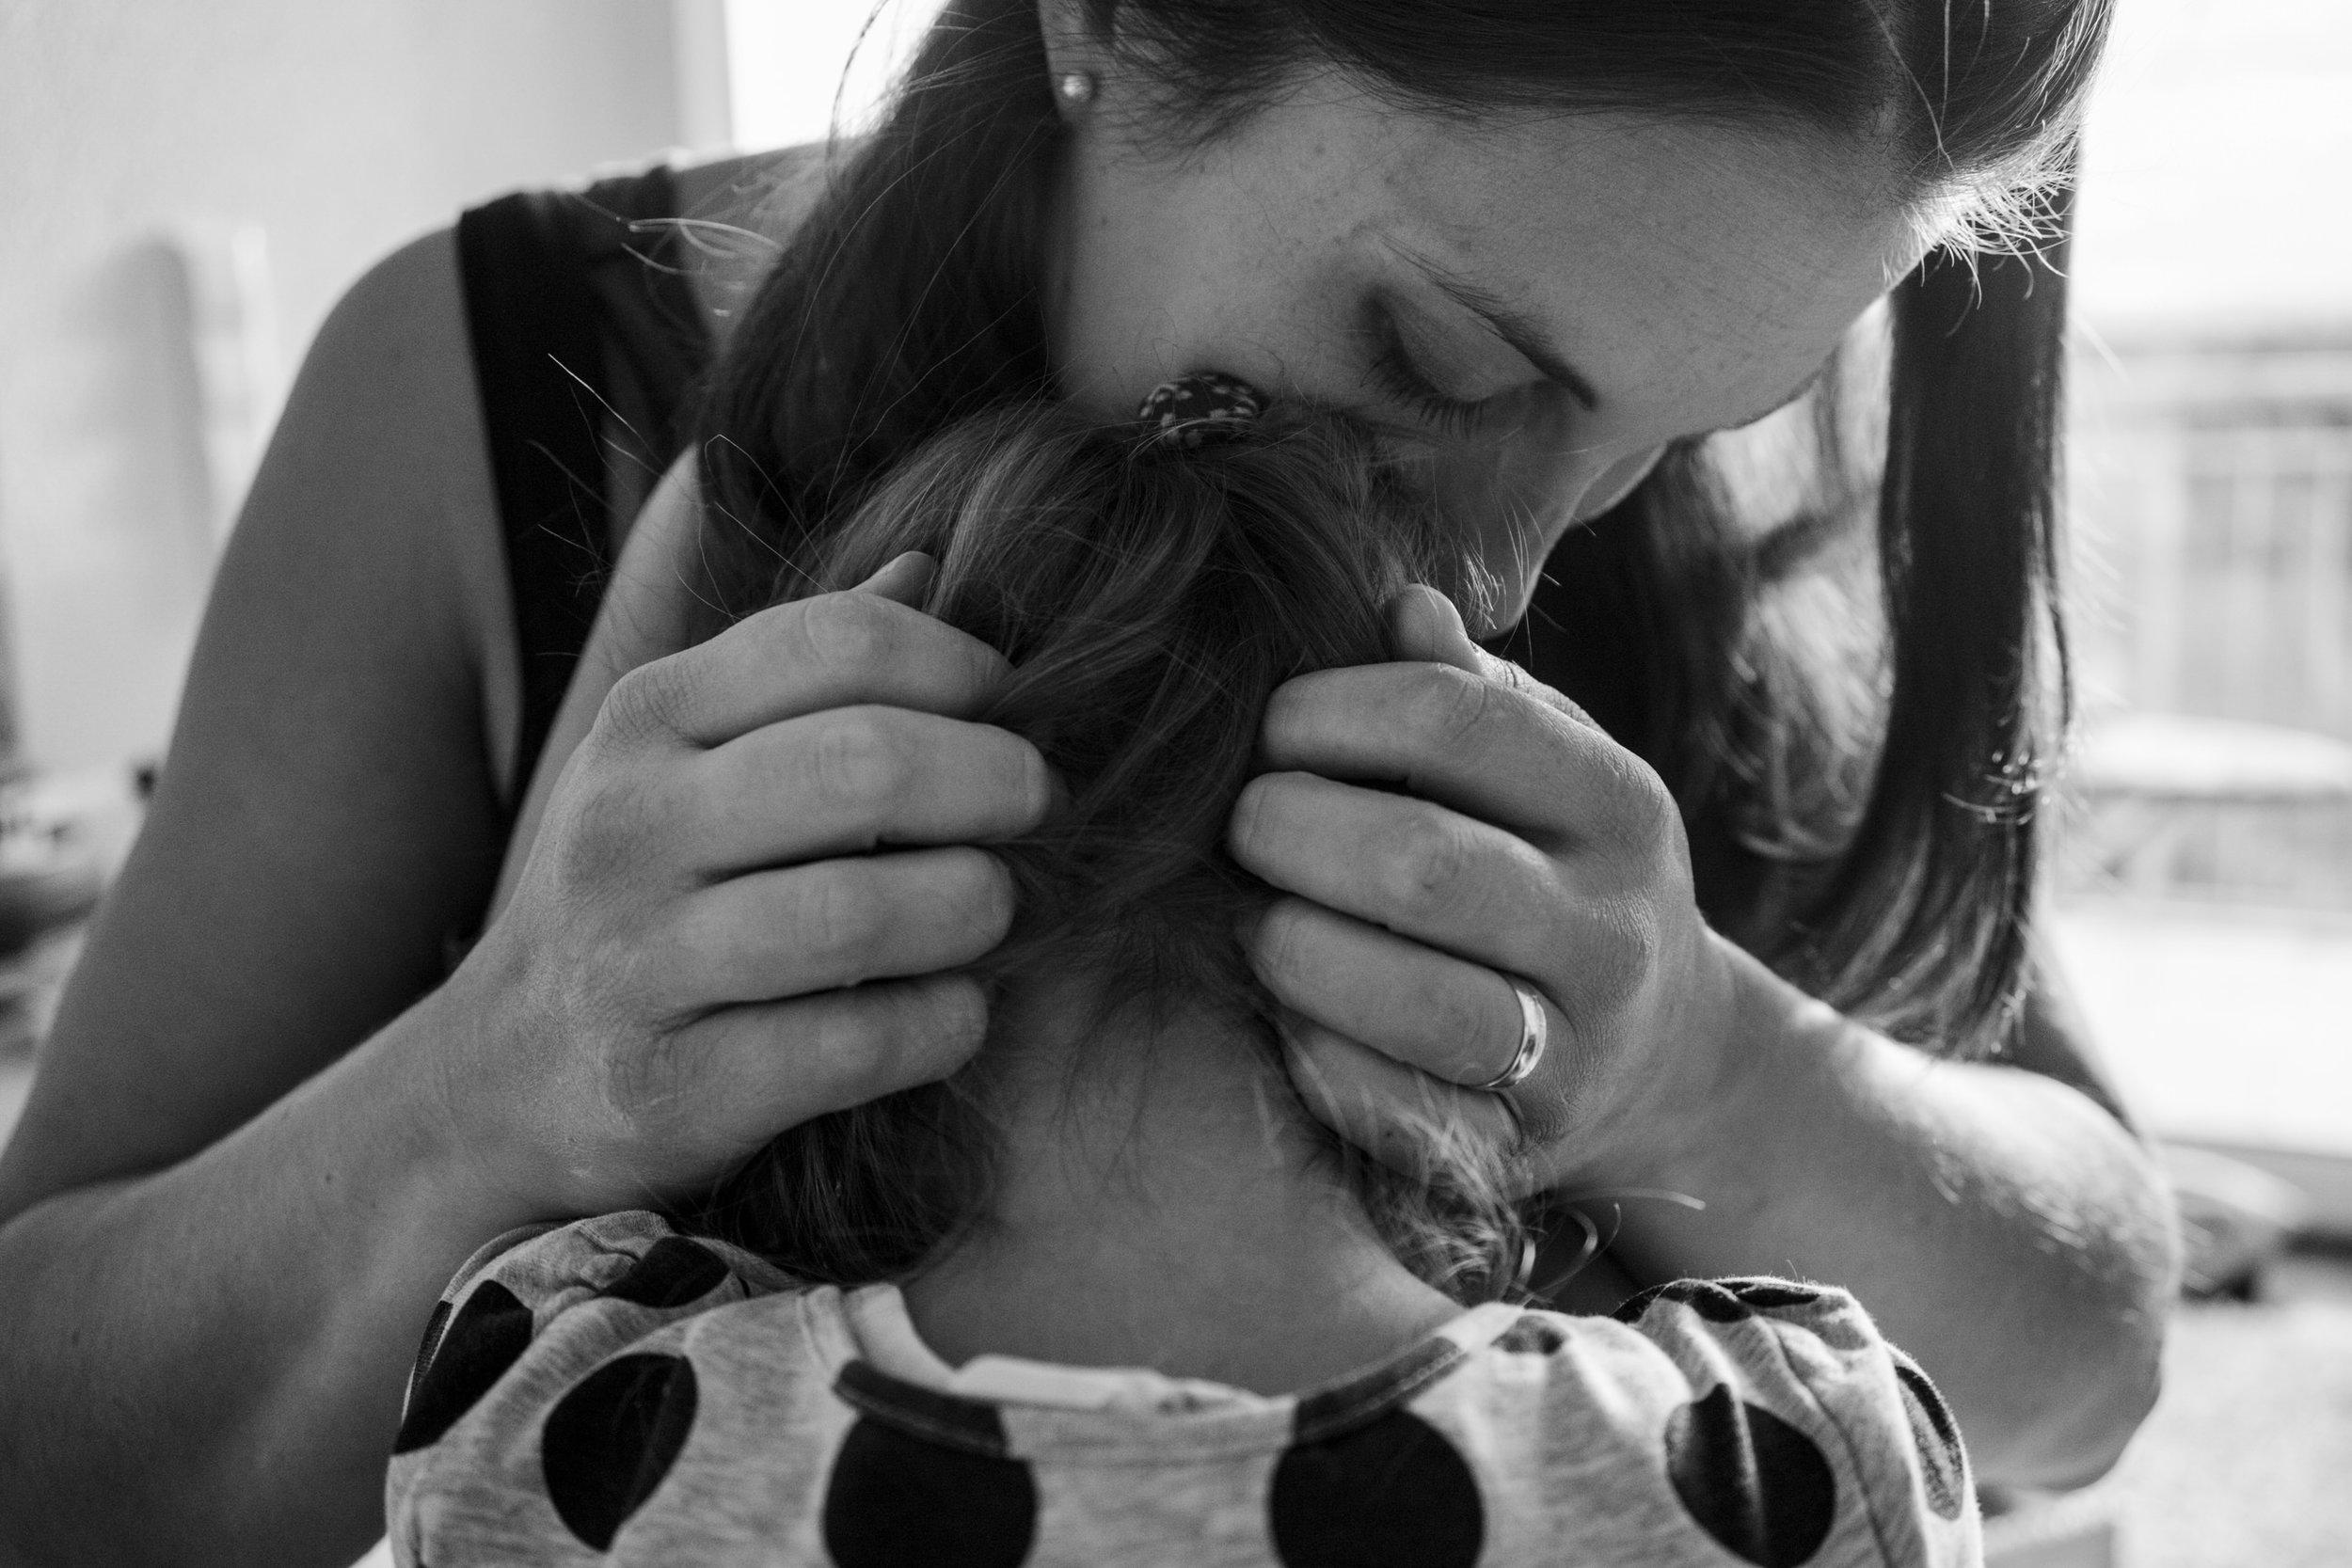 Eines meiner liebsten Familienfotos - Mama mit Babybauch tröstet zuhause ihre kleine Tochter